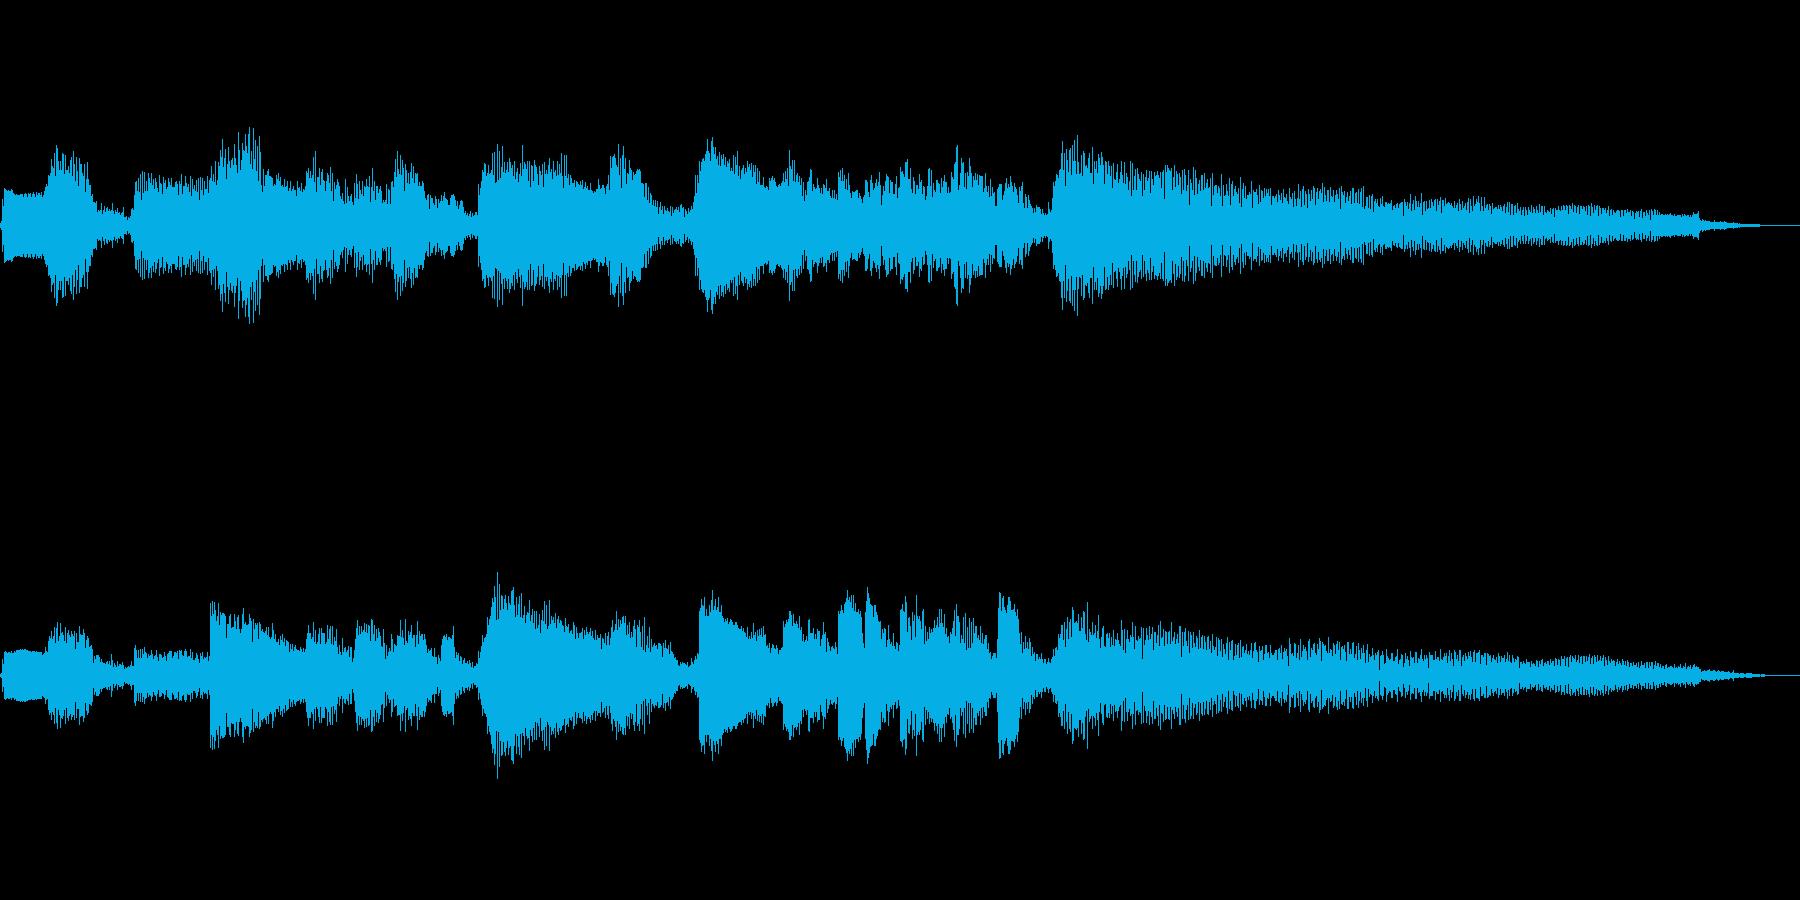 【12秒】ジャズギターのコードとソロの再生済みの波形